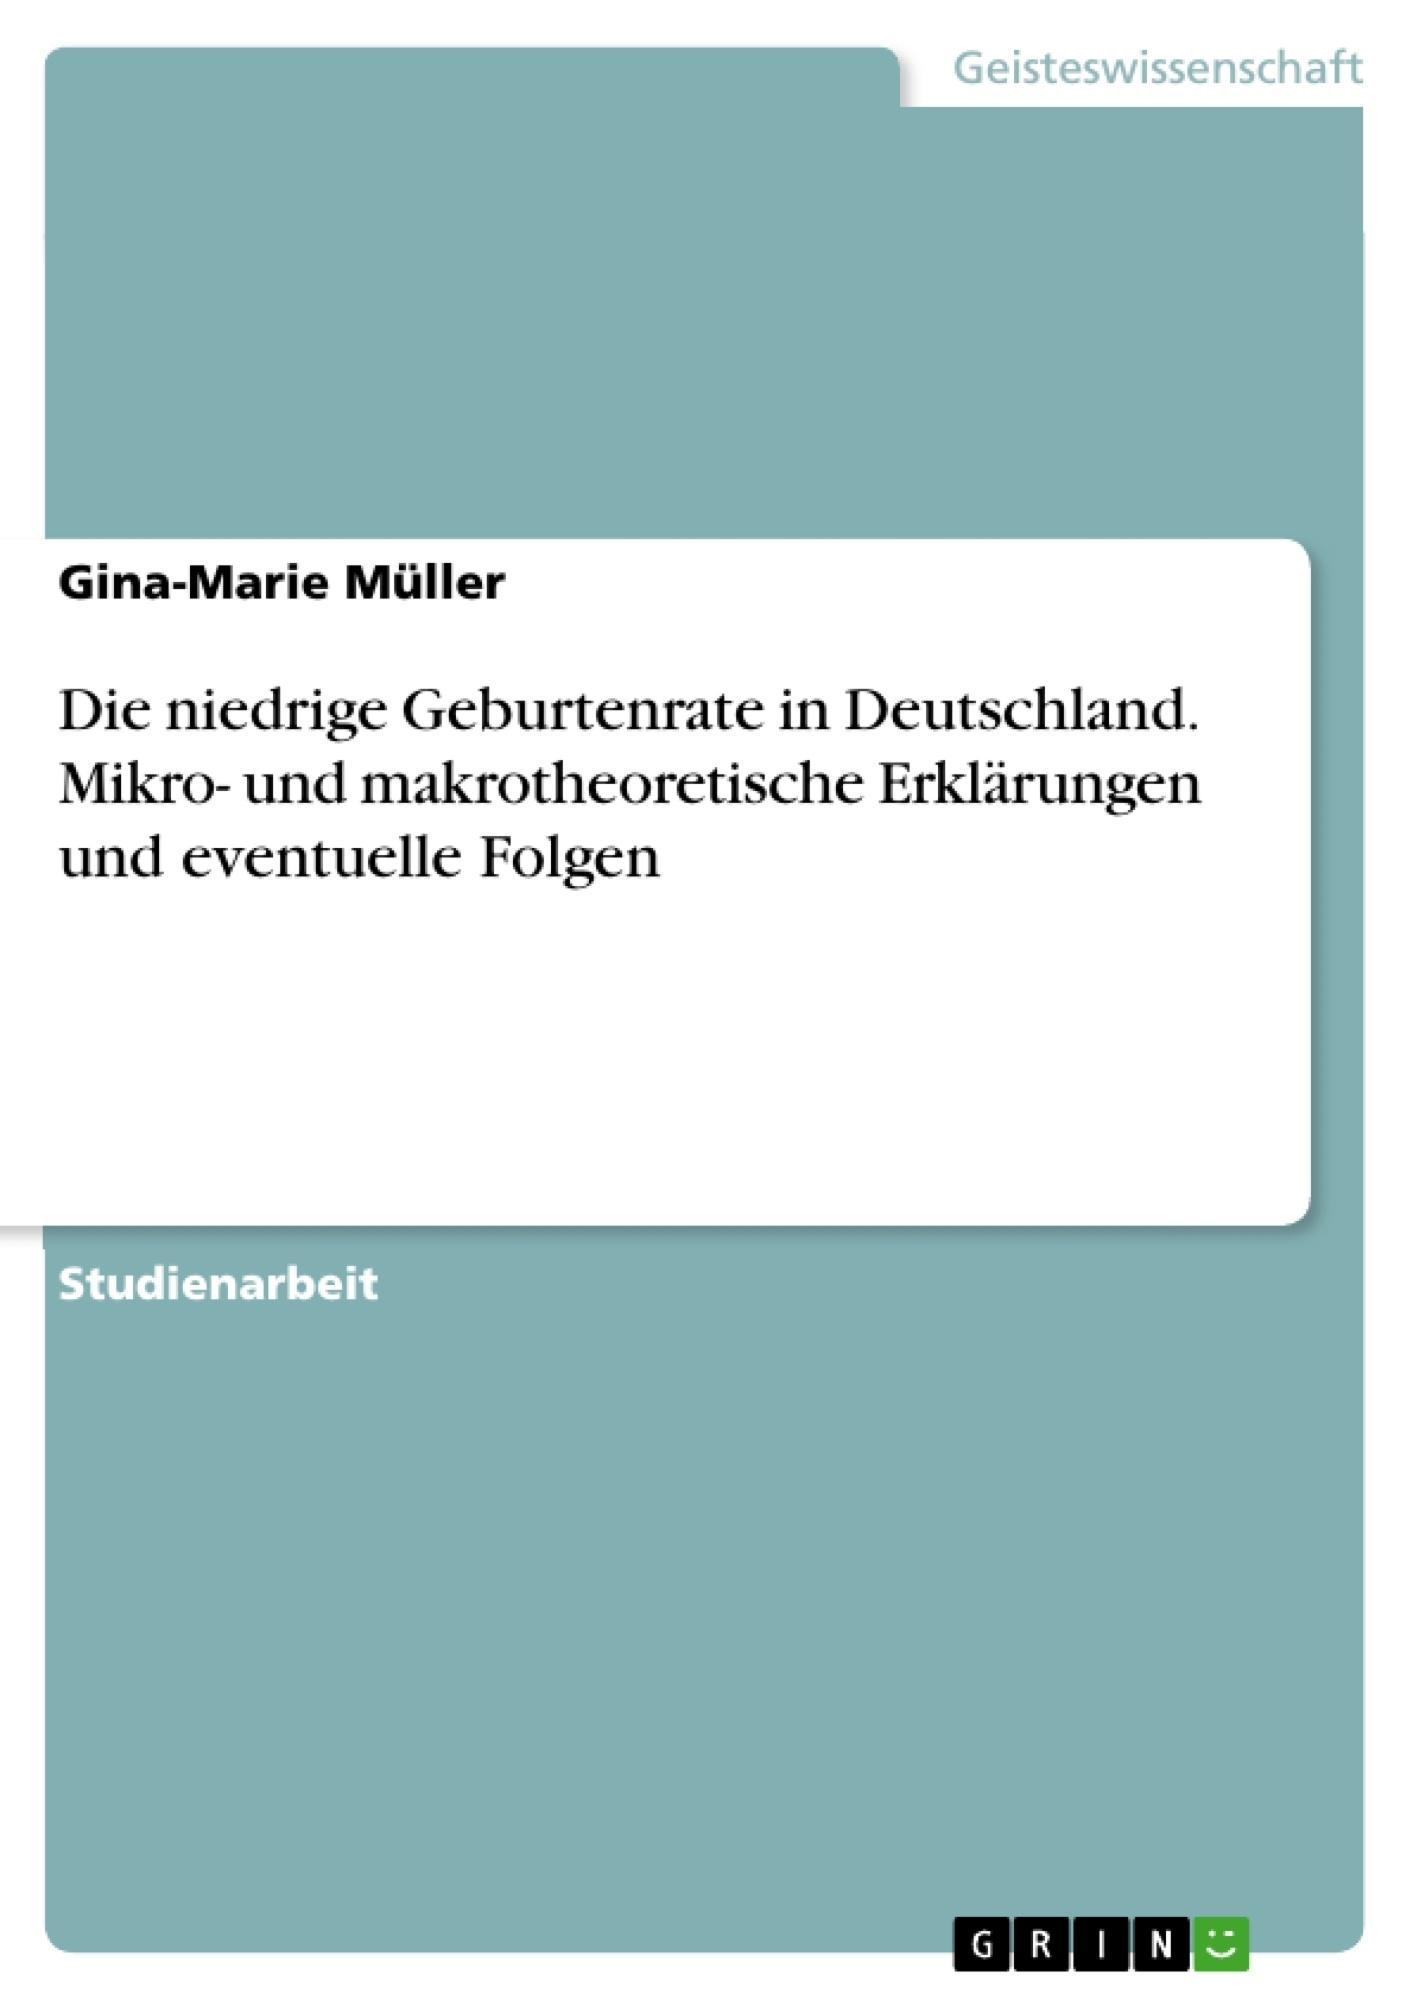 Titel: Die niedrige Geburtenrate in Deutschland. Mikro- und makrotheoretische Erklärungen und eventuelle Folgen